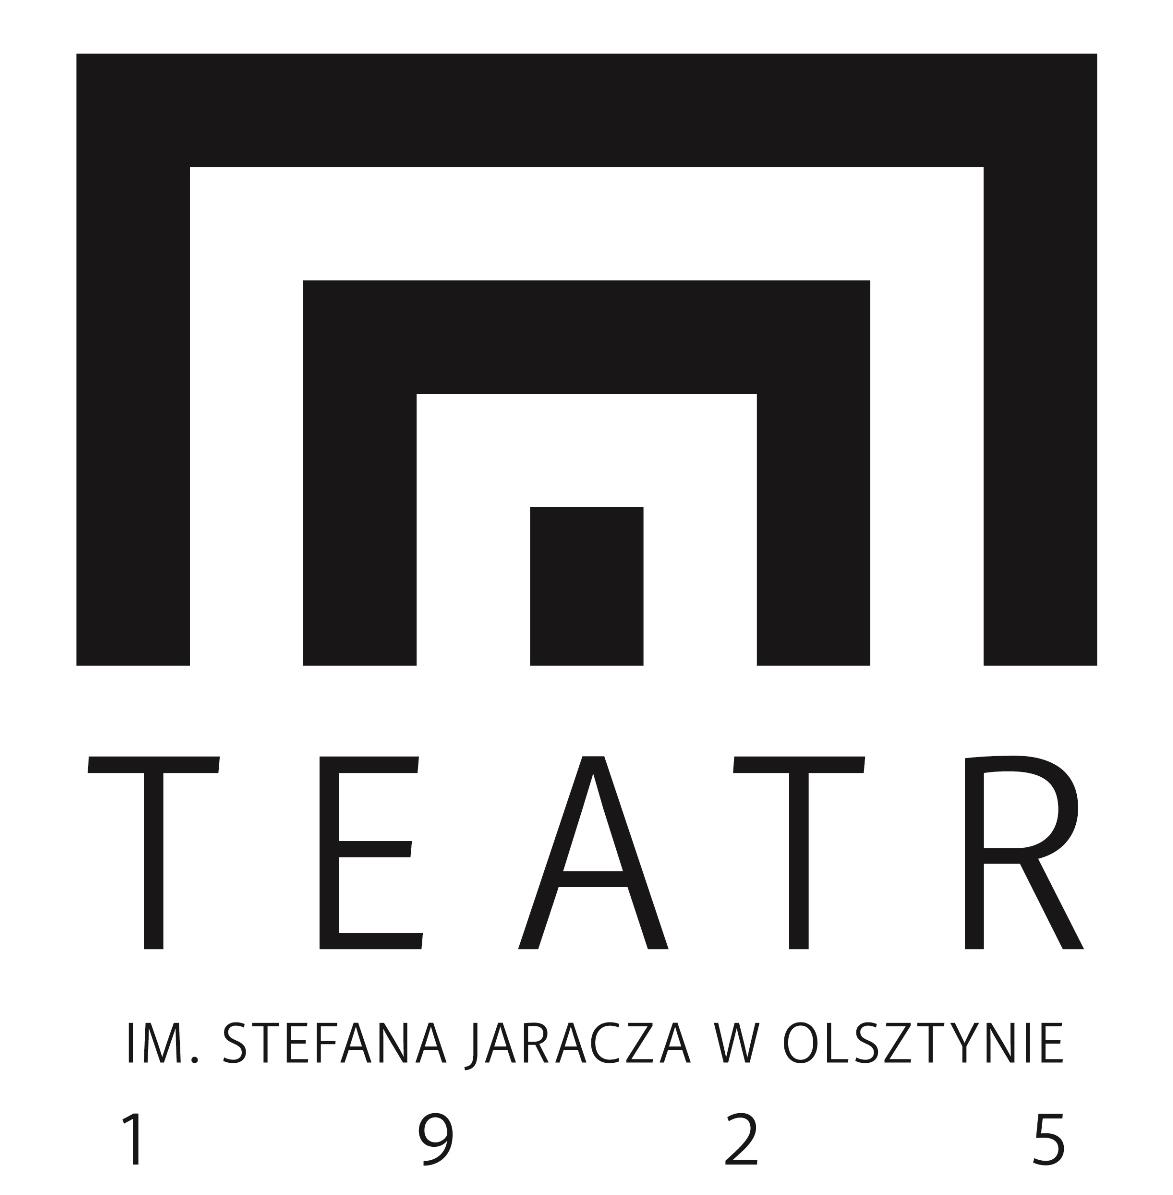 Teatr im. Stefana Jaracza w Olsztynie – logo (źródło: materiały prasowe)